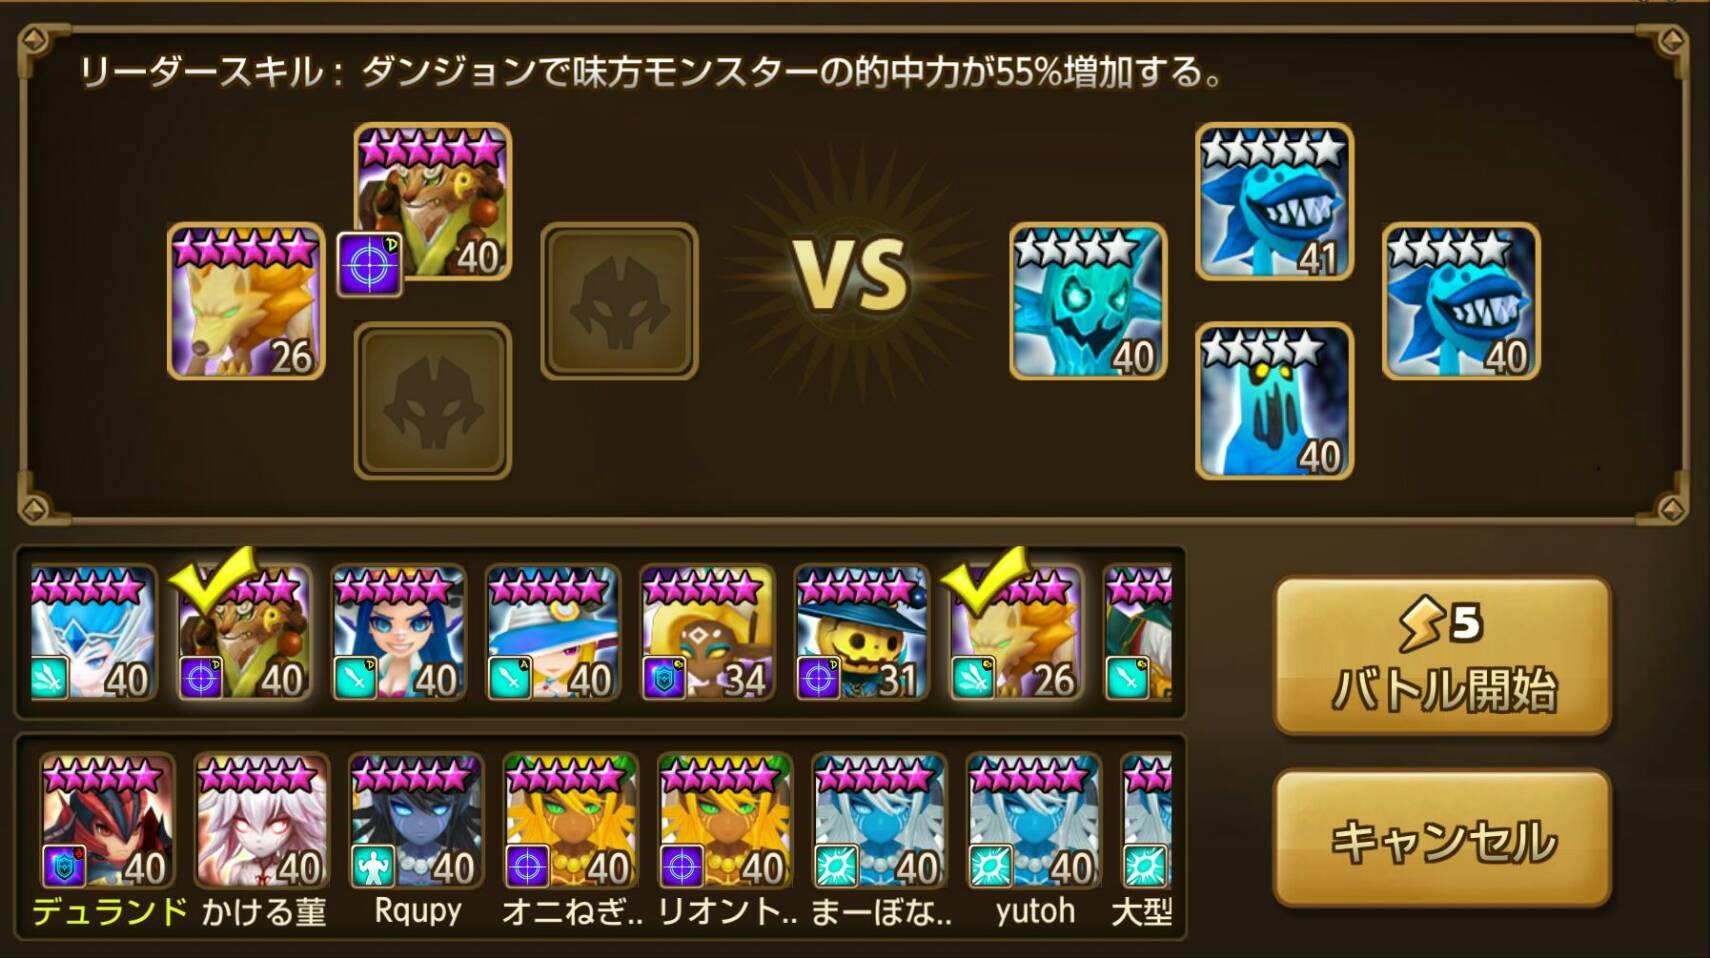 アイデン森2